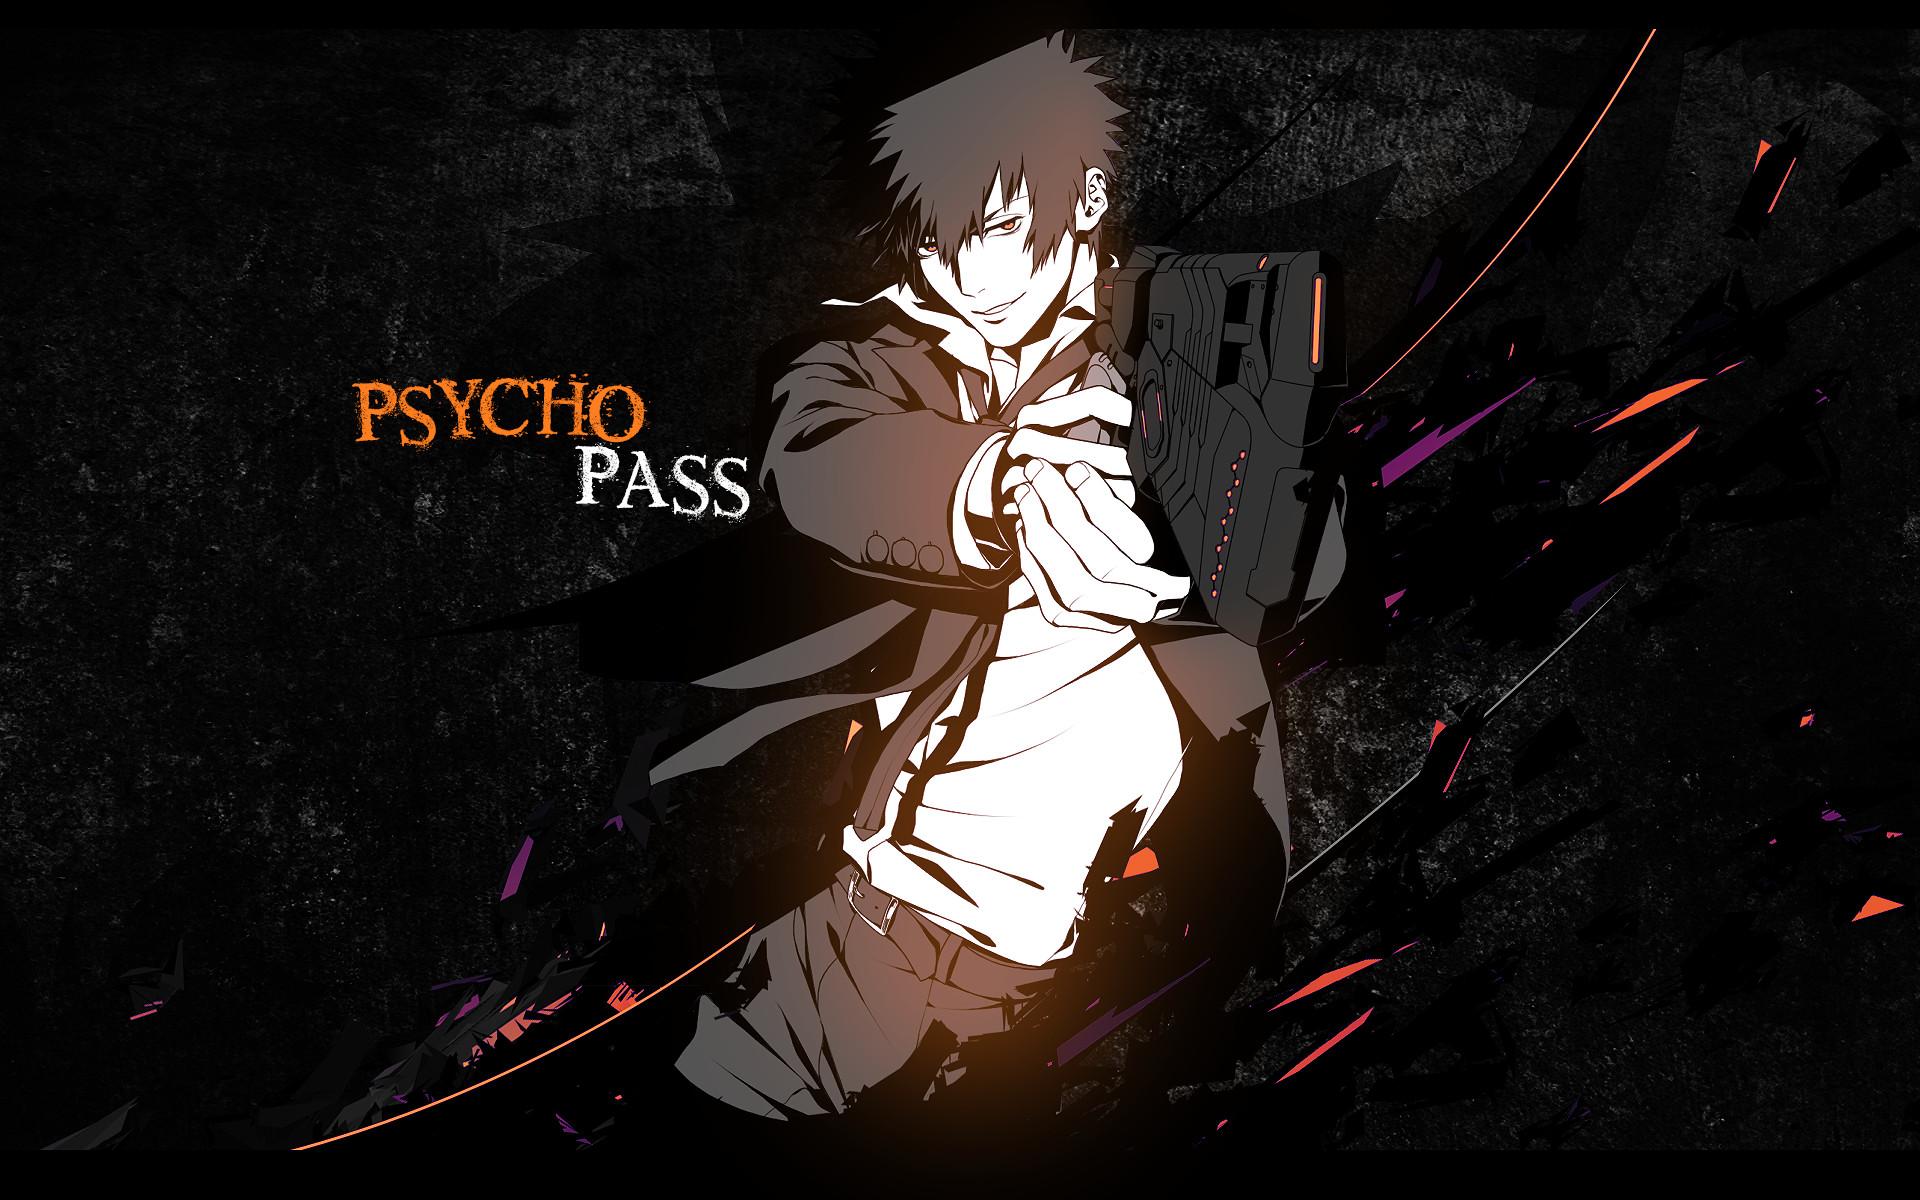 … psycho p shinya kogami anime anime boys wallpapers hd …